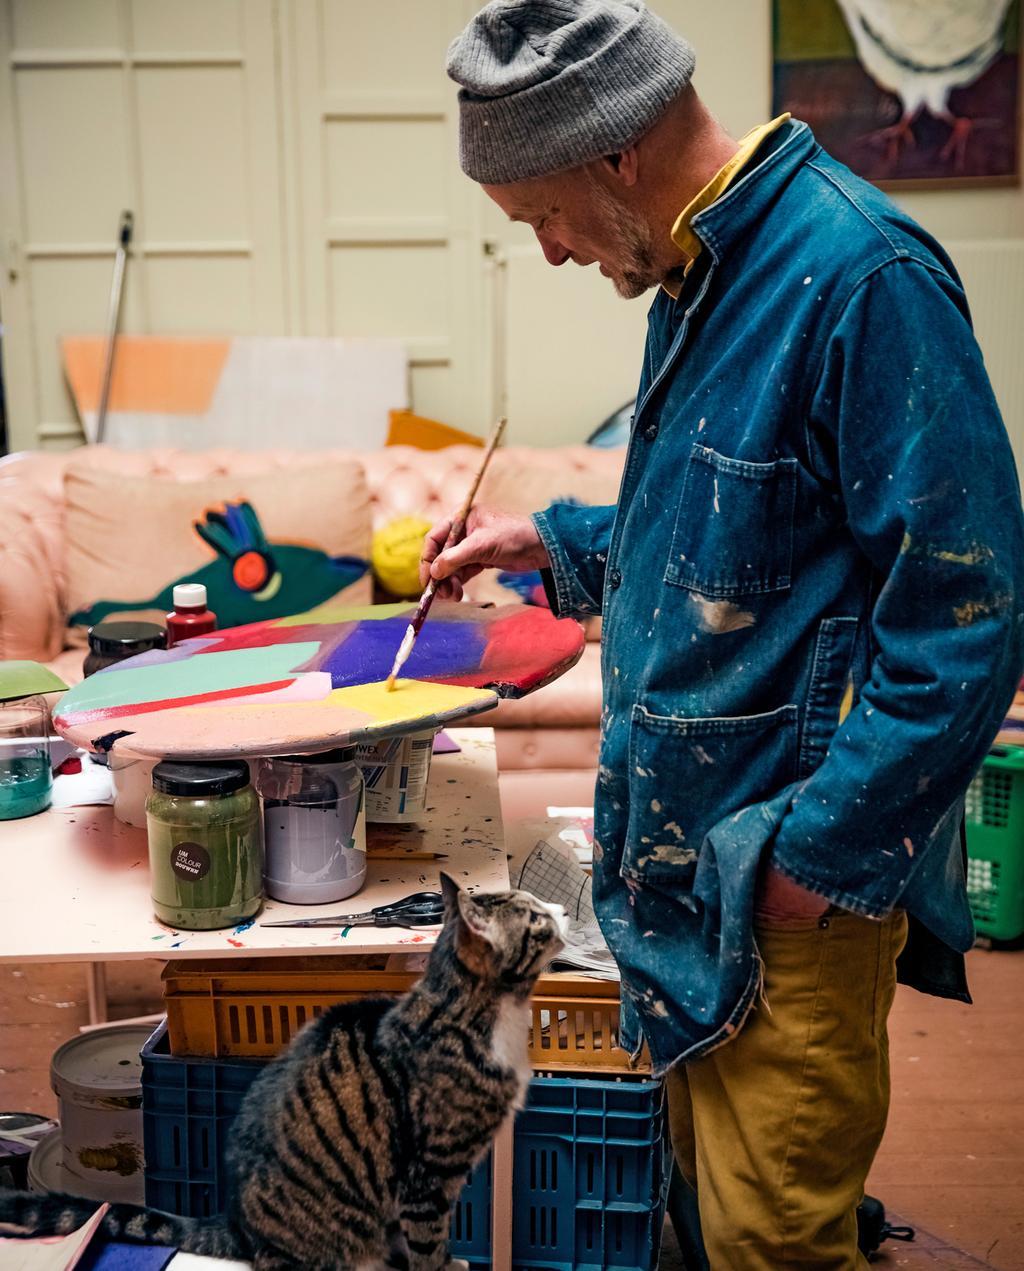 vtwonen 10-2019 | Ambacht Frank atelier palet met kat